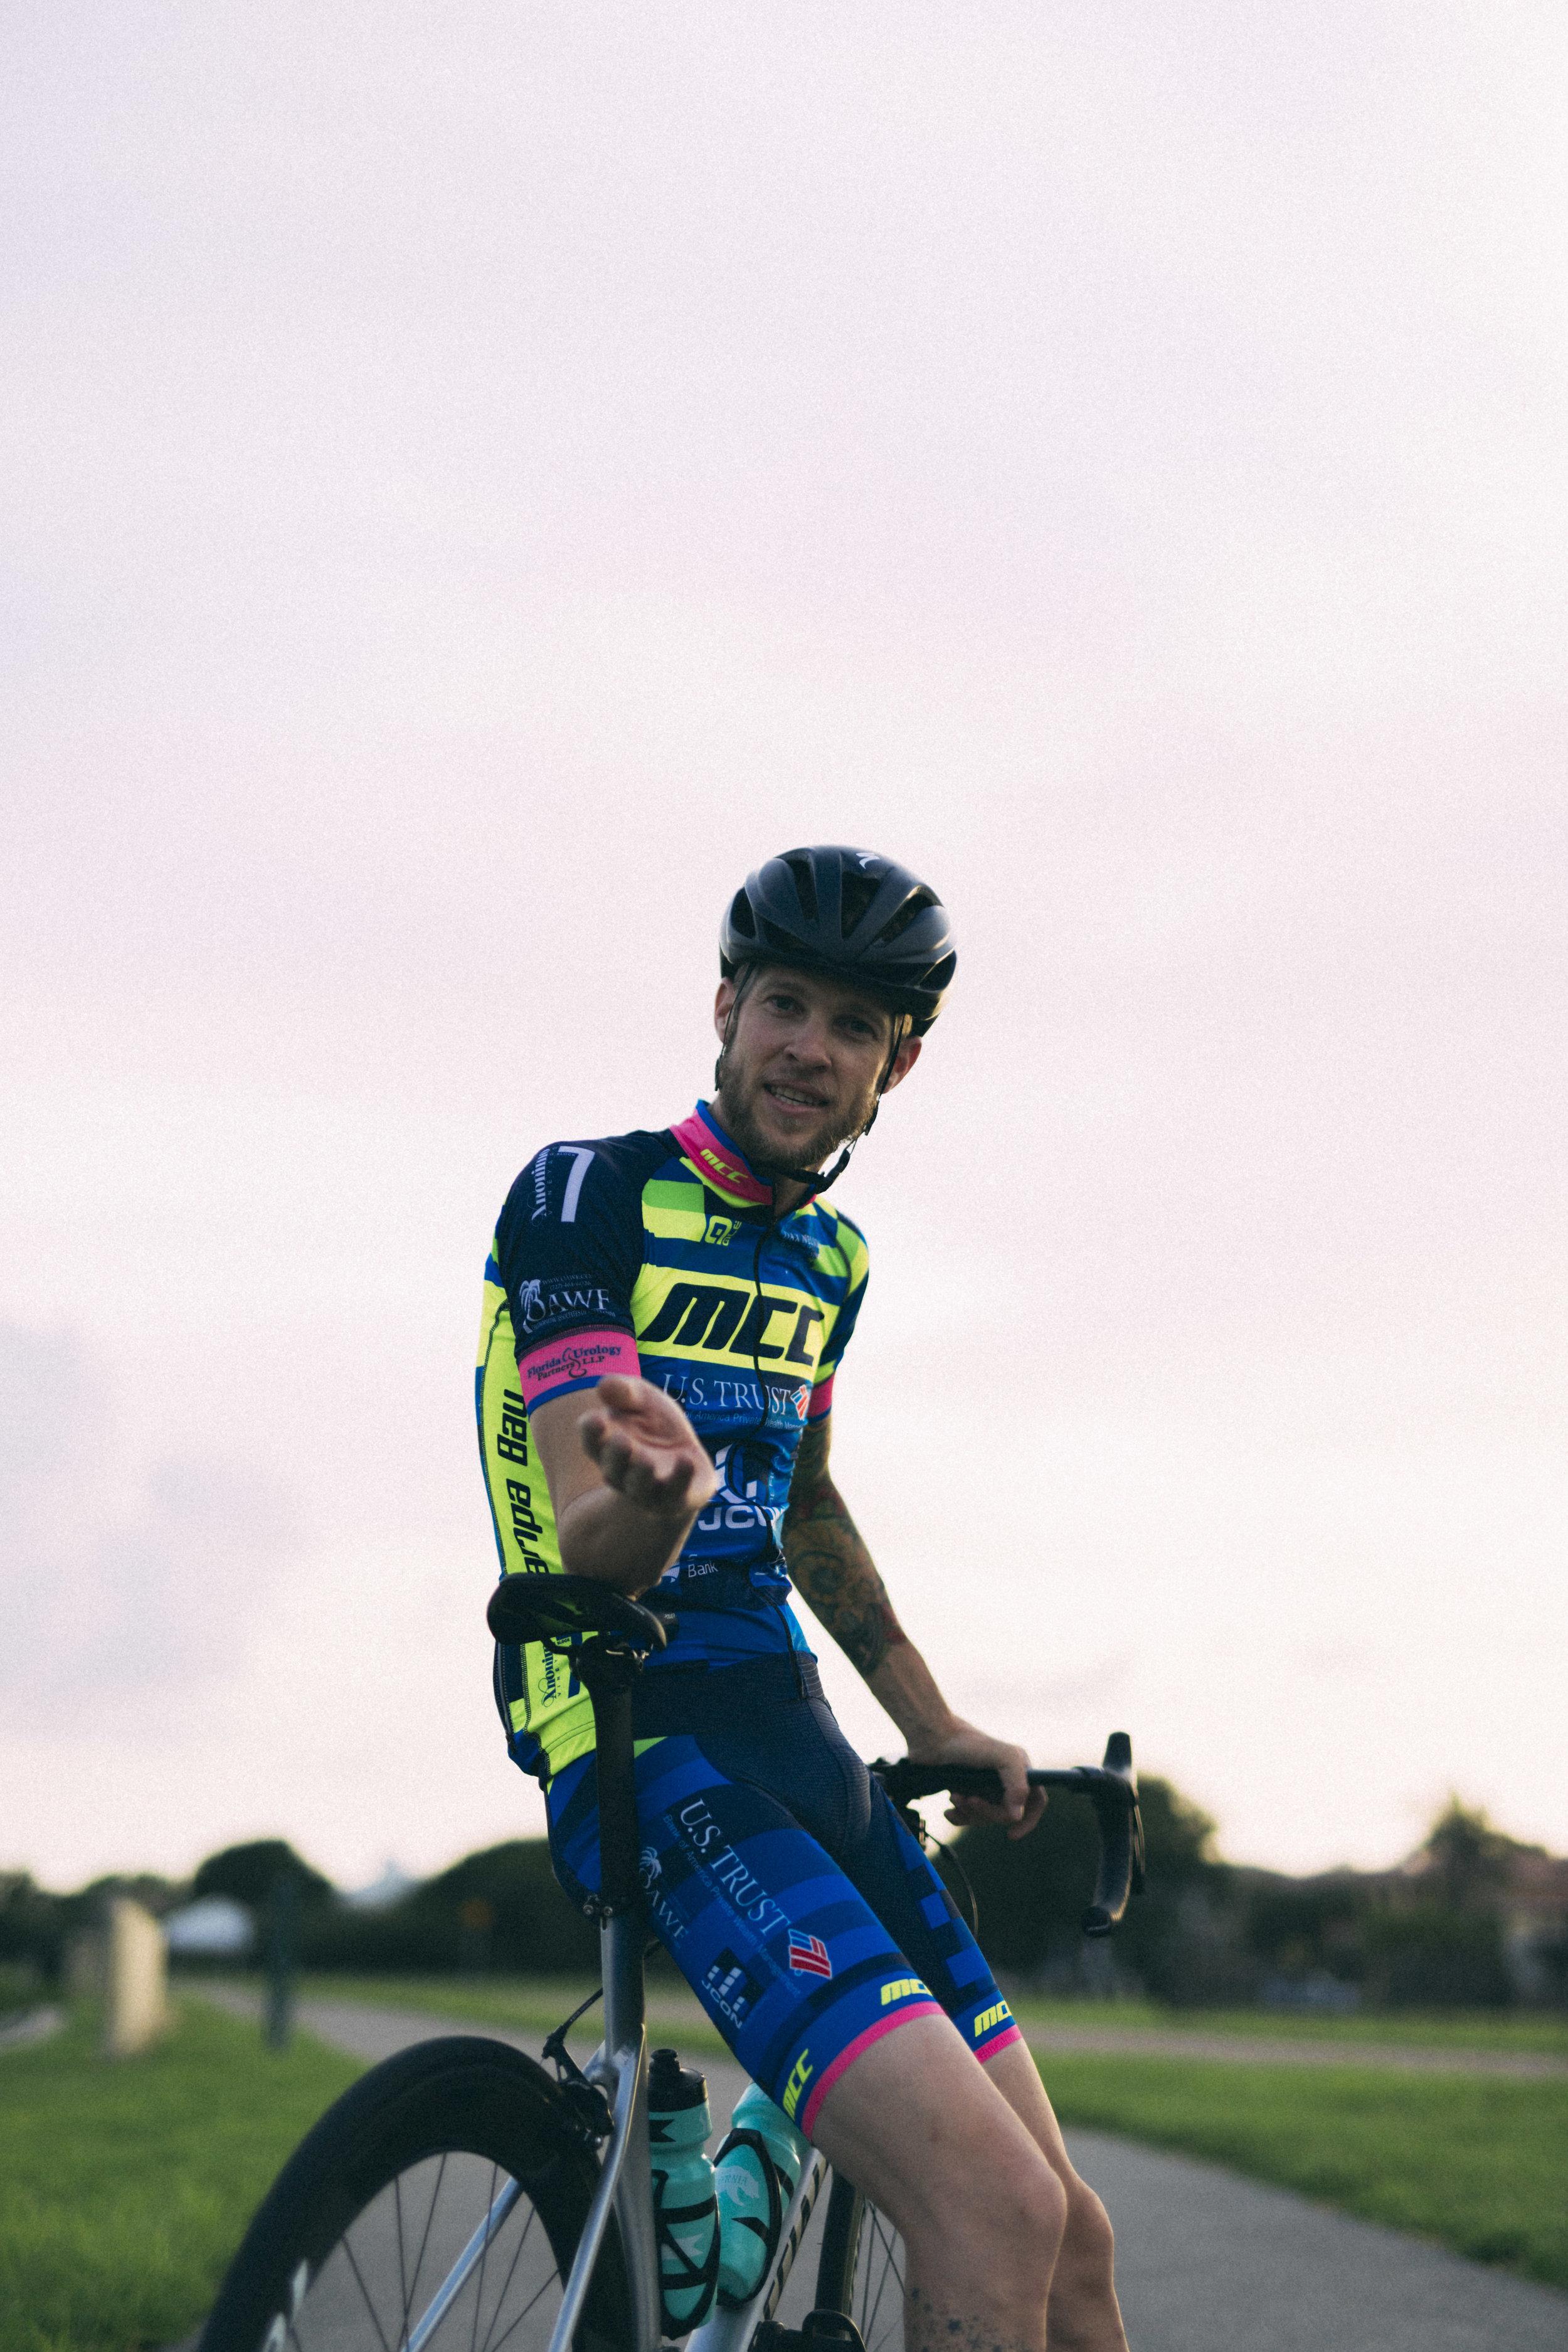 Biking_11.jpg